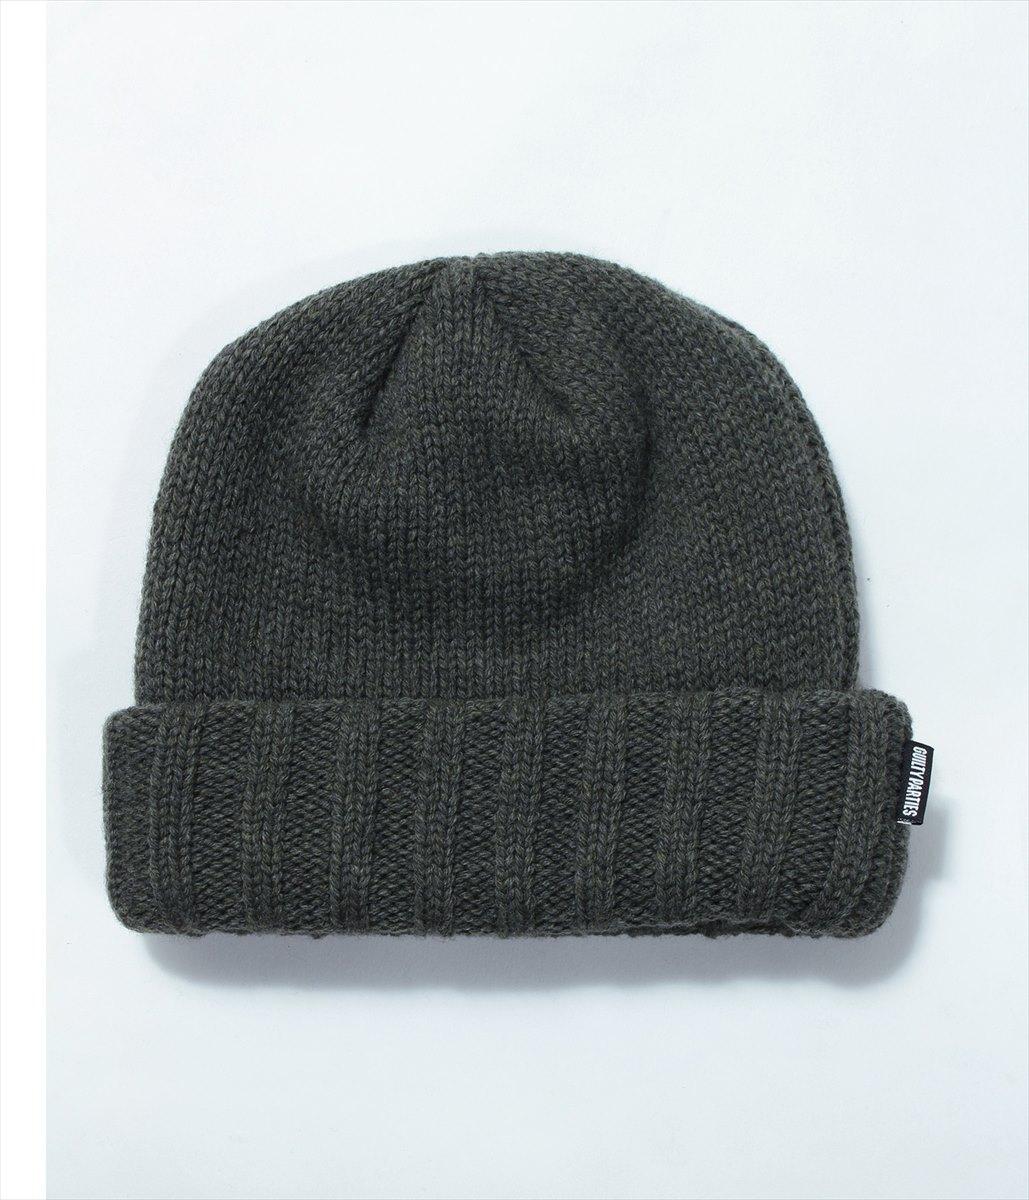 2eedd1478 WACKO MARIA/WOOL KNIT WATCH CAP(カーキ)[ニットキャップ-17秋冬 ...